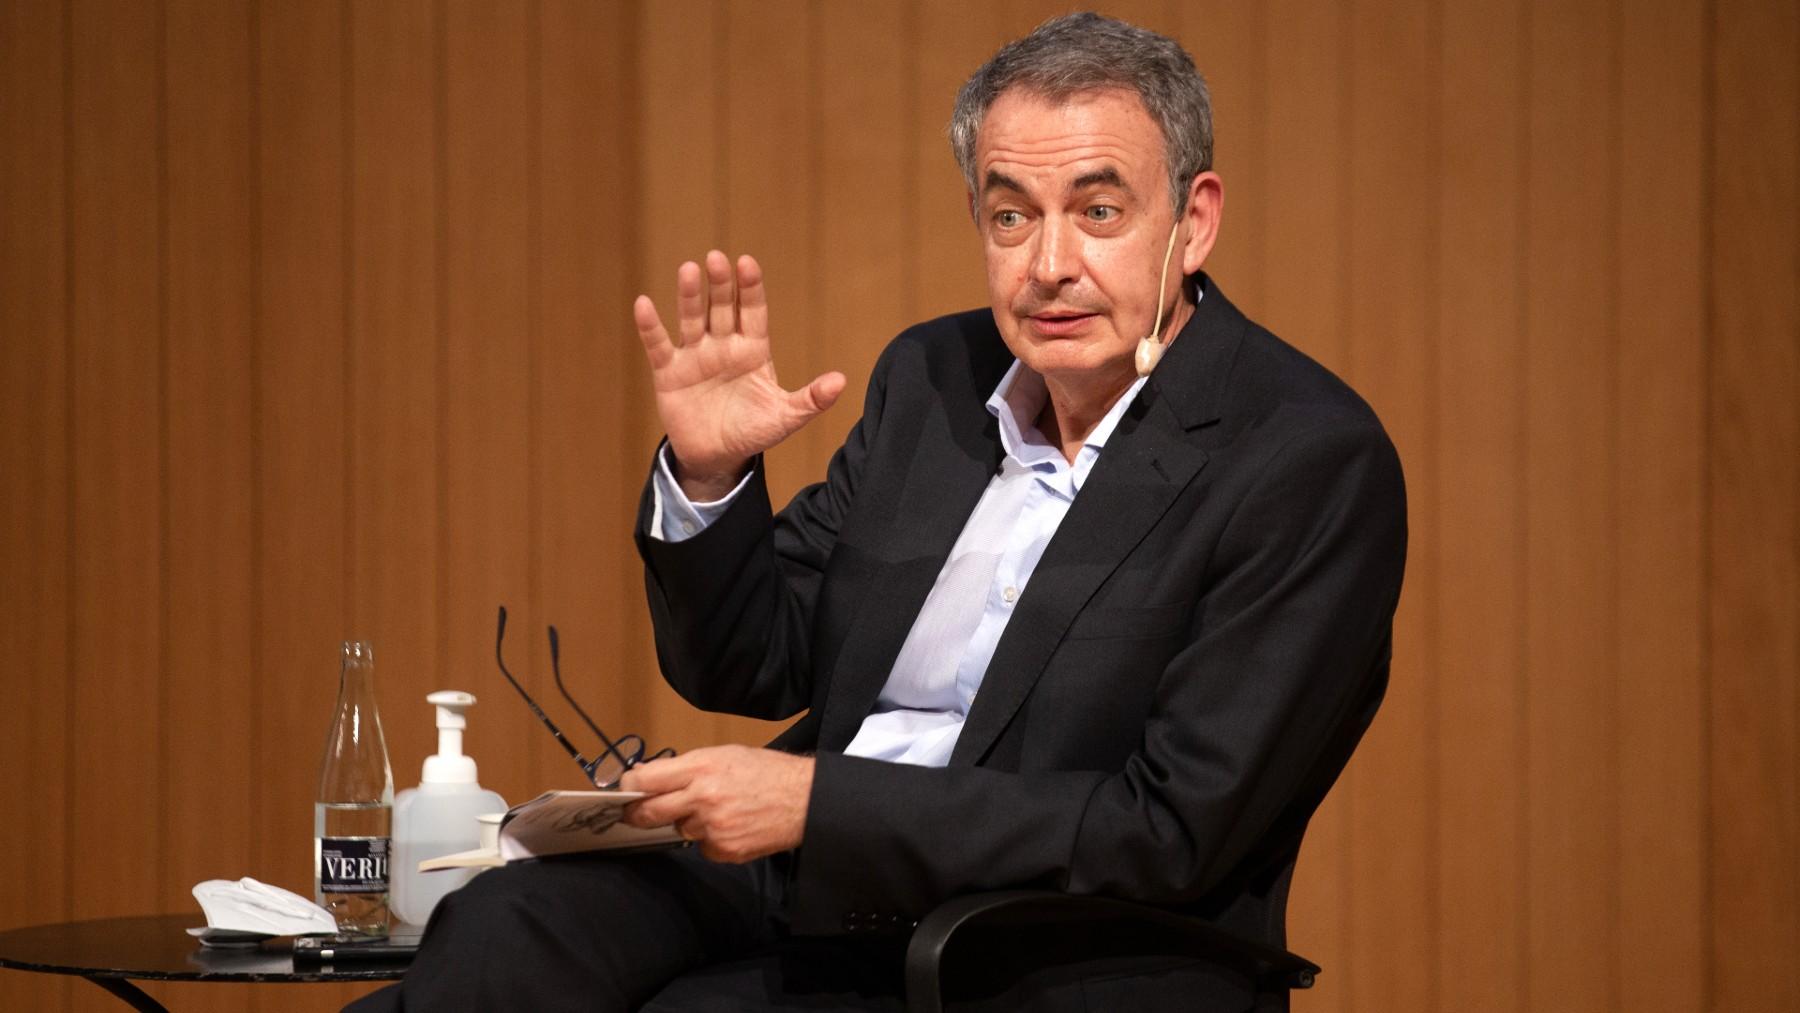 El ex presidente del Gobierno, José Luis Rodríguez Zapatero. (Foto: Europa Press)